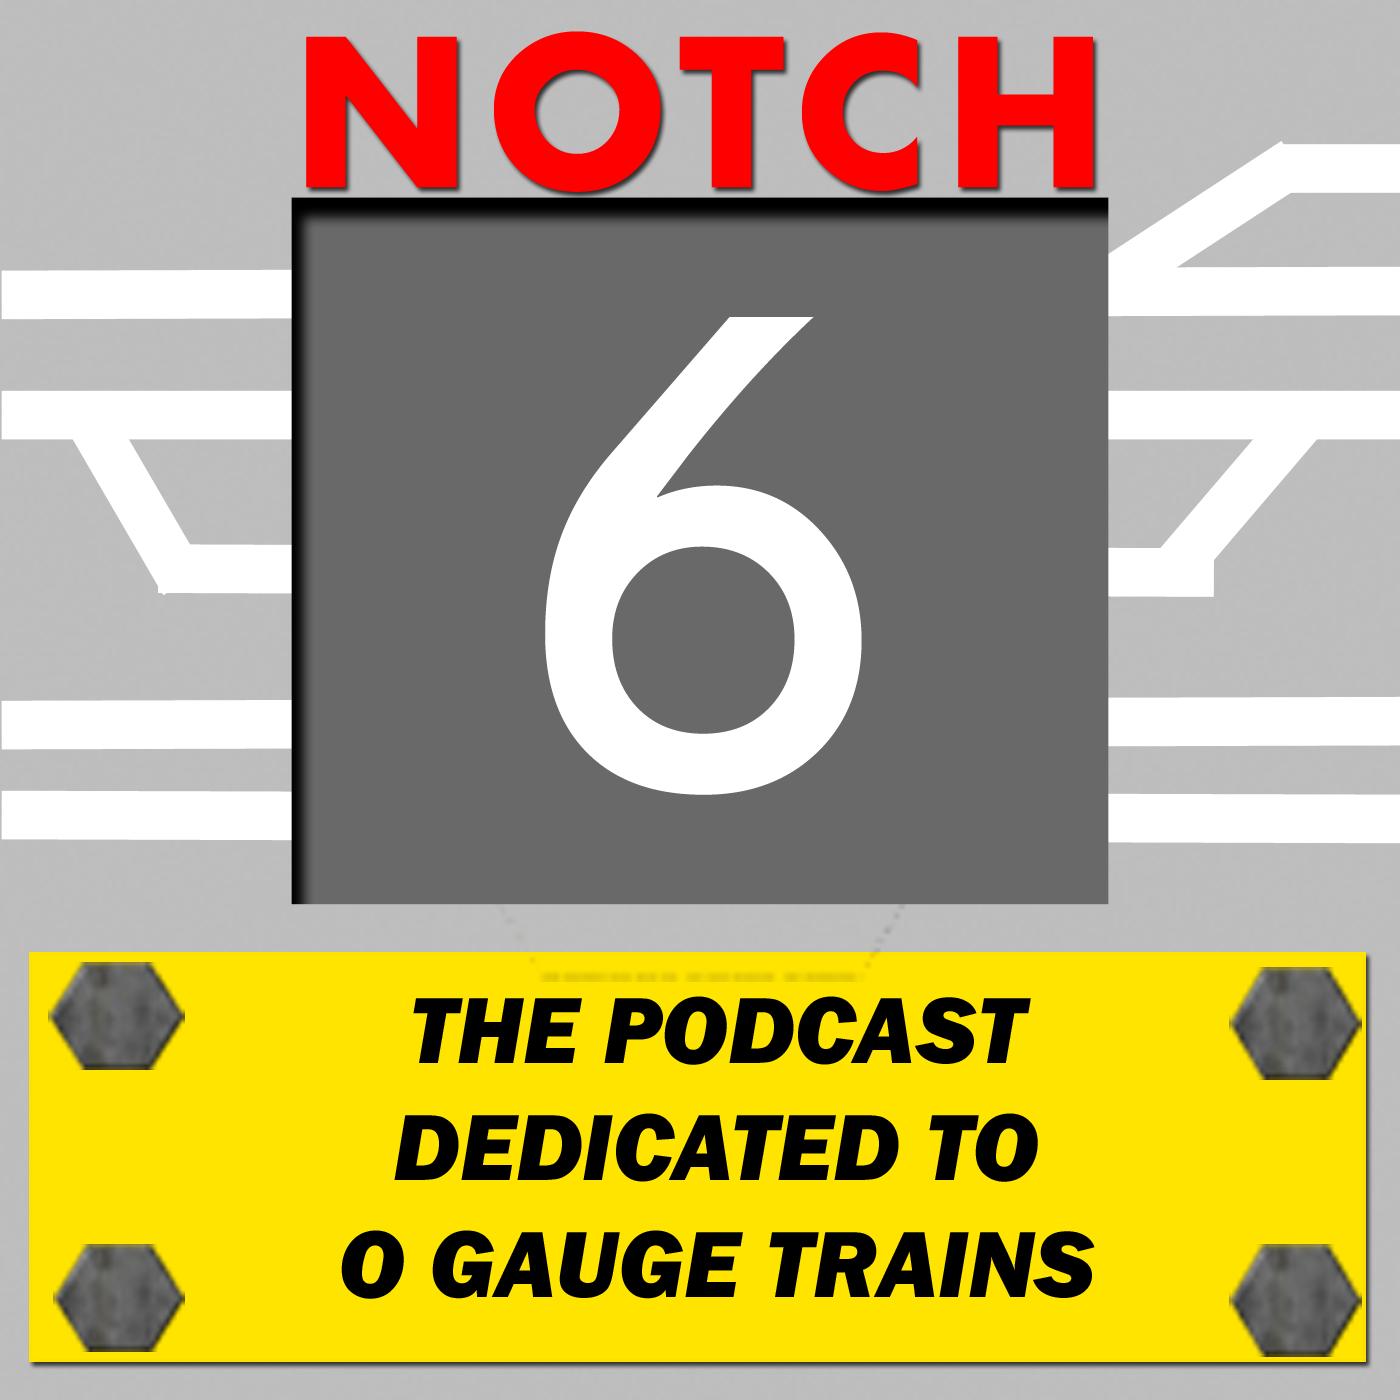 Notch 6 podcast